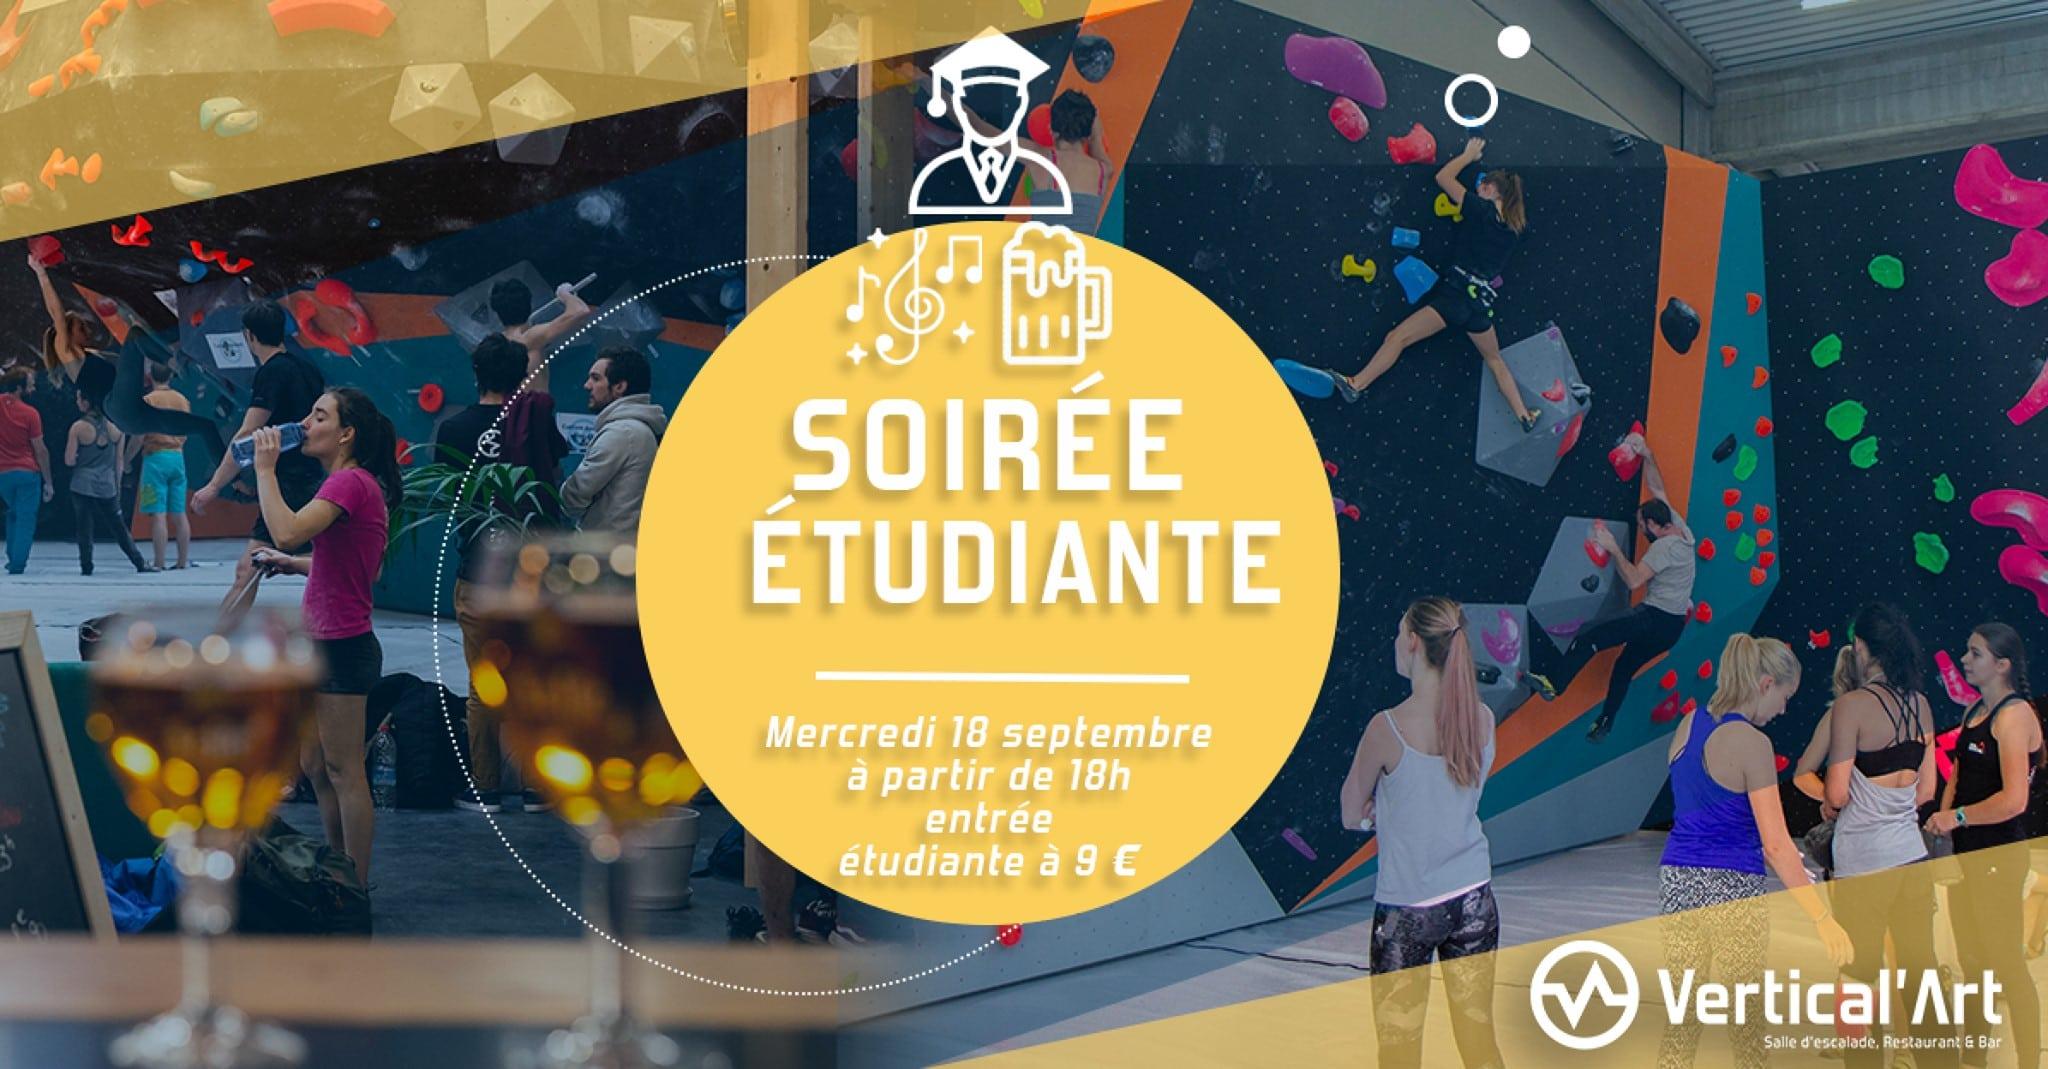 soirée étudiante à lyon - entrée à tarif réduit - Vertical'Art Lyon salle d'escalade de bloc restaurant et bar